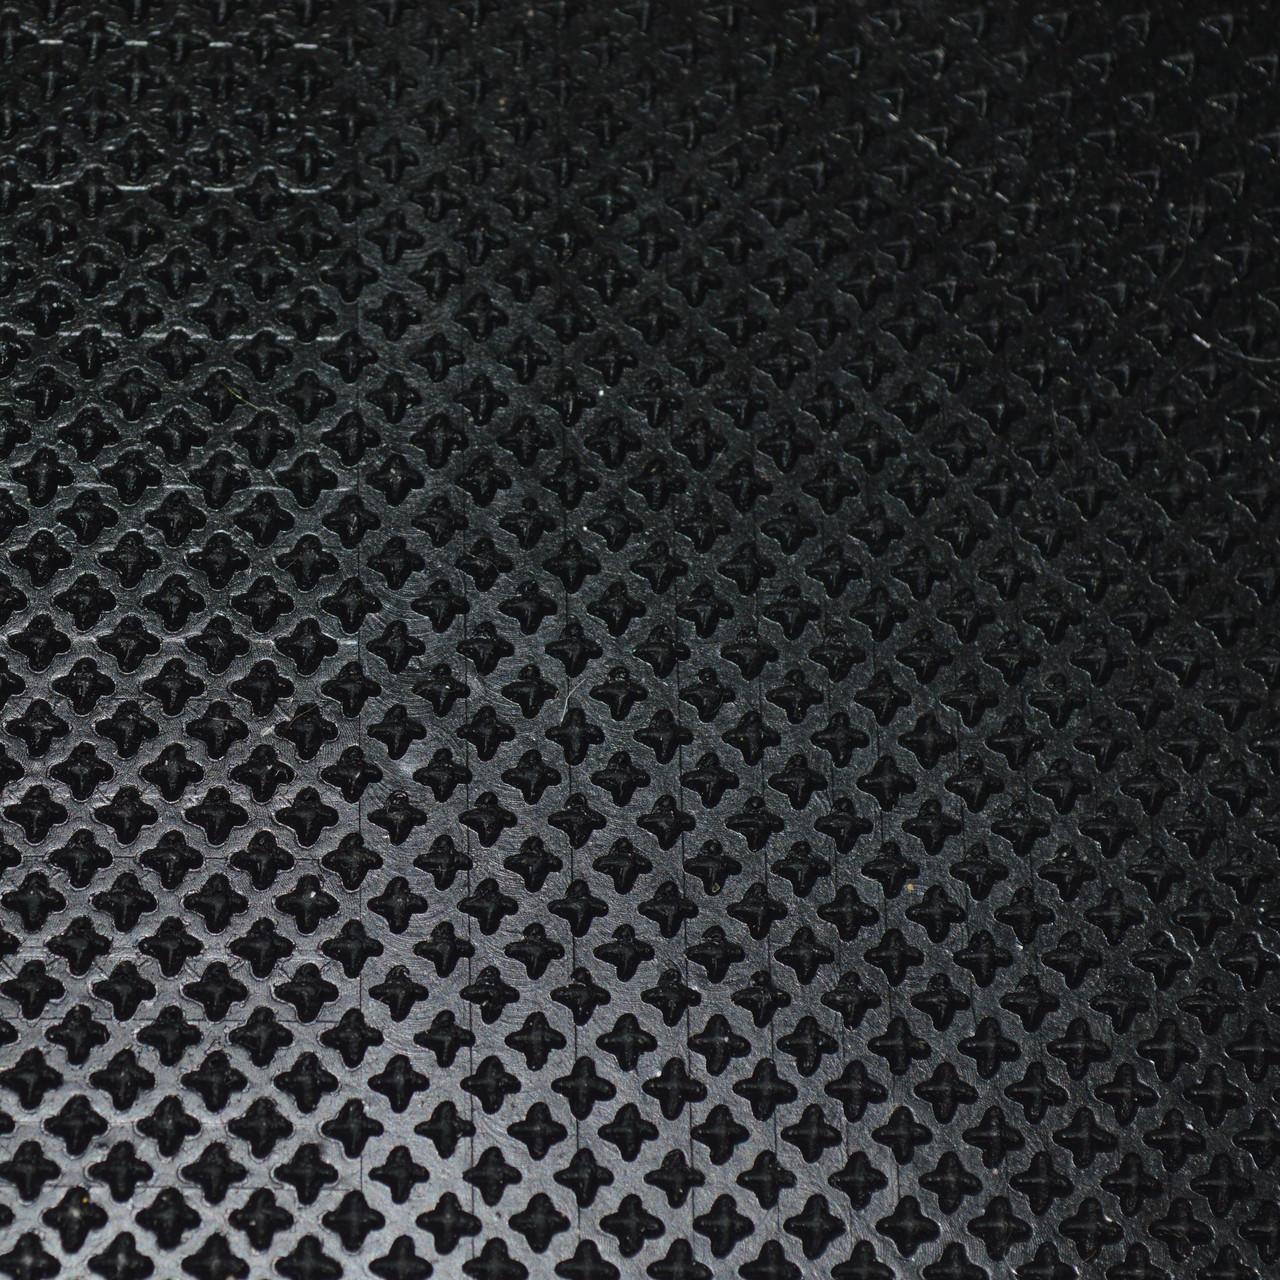 """Набоечная резина башмачник """"Star"""", 500ммх500мм, толщина 7мм, износостойкий каучук - bashmachnik в Белой Церкви"""